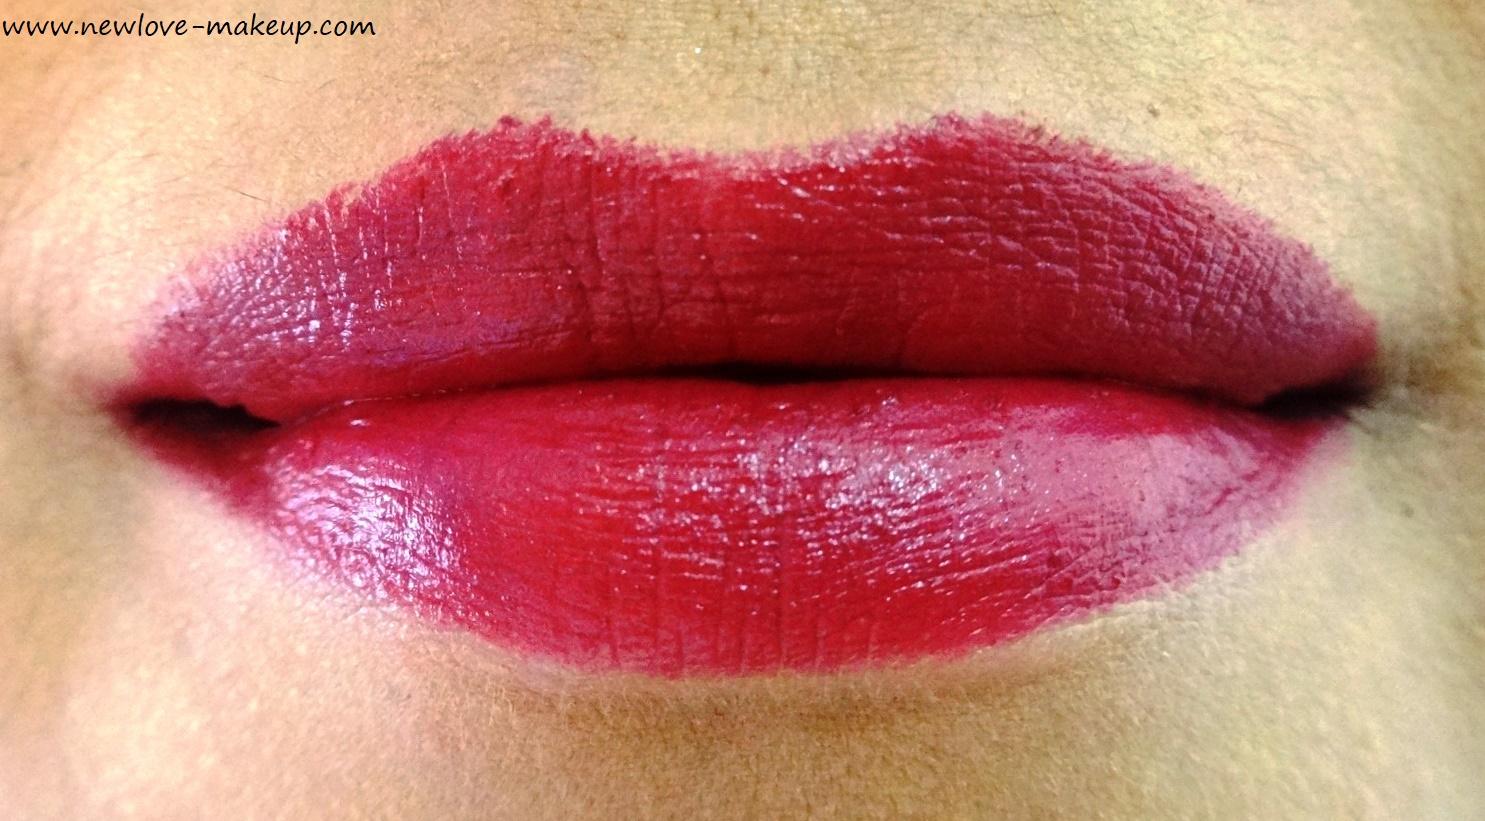 IsaDora Twist-Up Matt Lips Super Pink, Queen of Roses, Purple Prune Review, Swatches